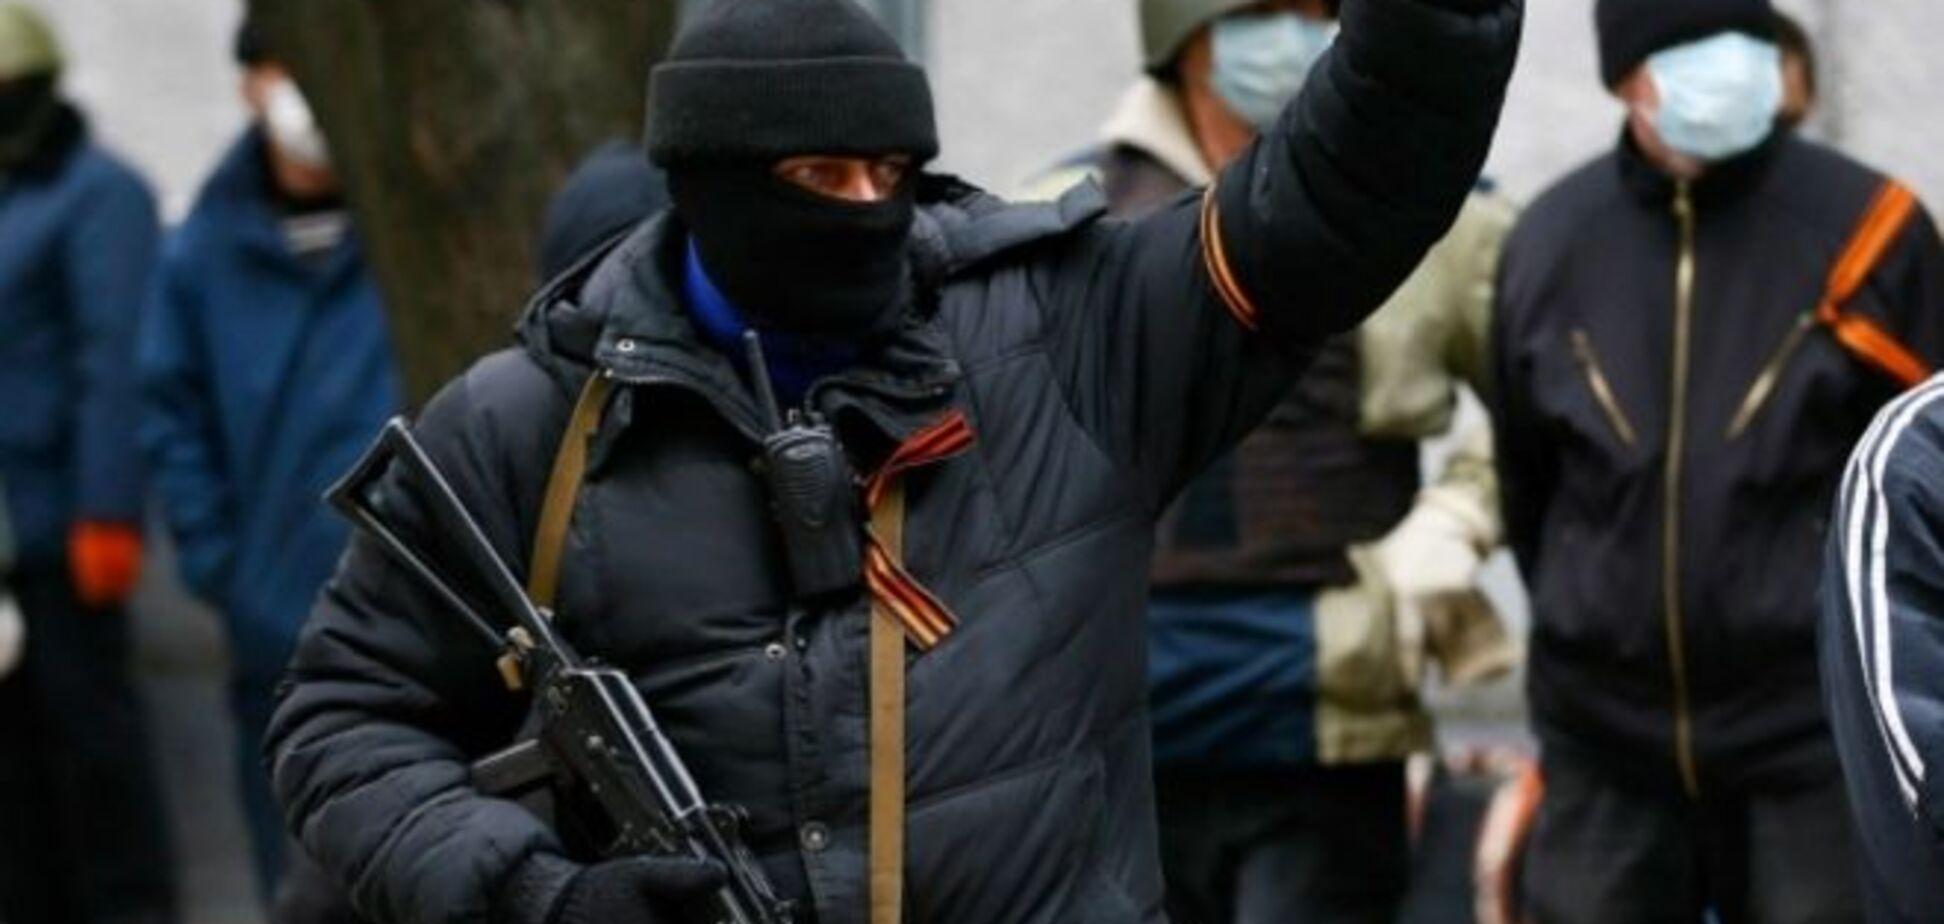 Боевики в Станице Луганской обстреляли милицейскую машину, один человек ранен